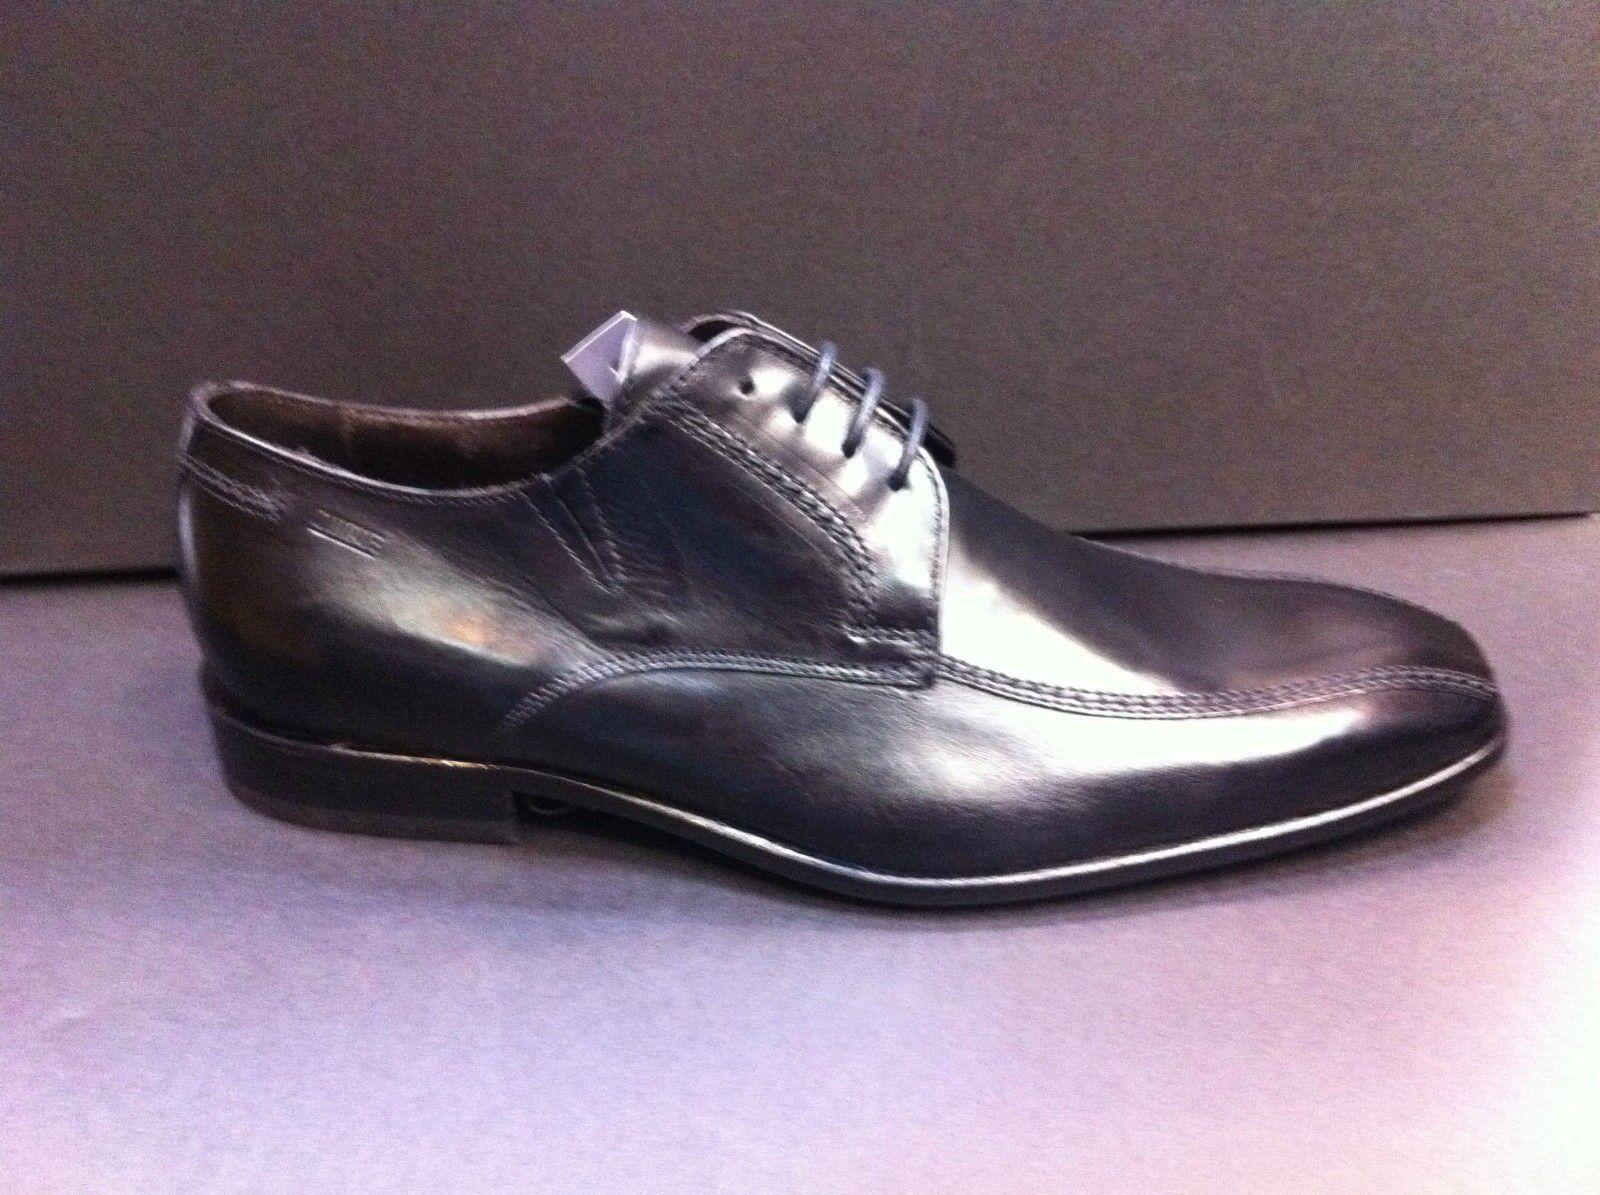 Cinque Schuhe CIVENEZIA Business Schwarz Herrenschuhe Luxus Elegant Echtleder Schwarz Business 21c6fe